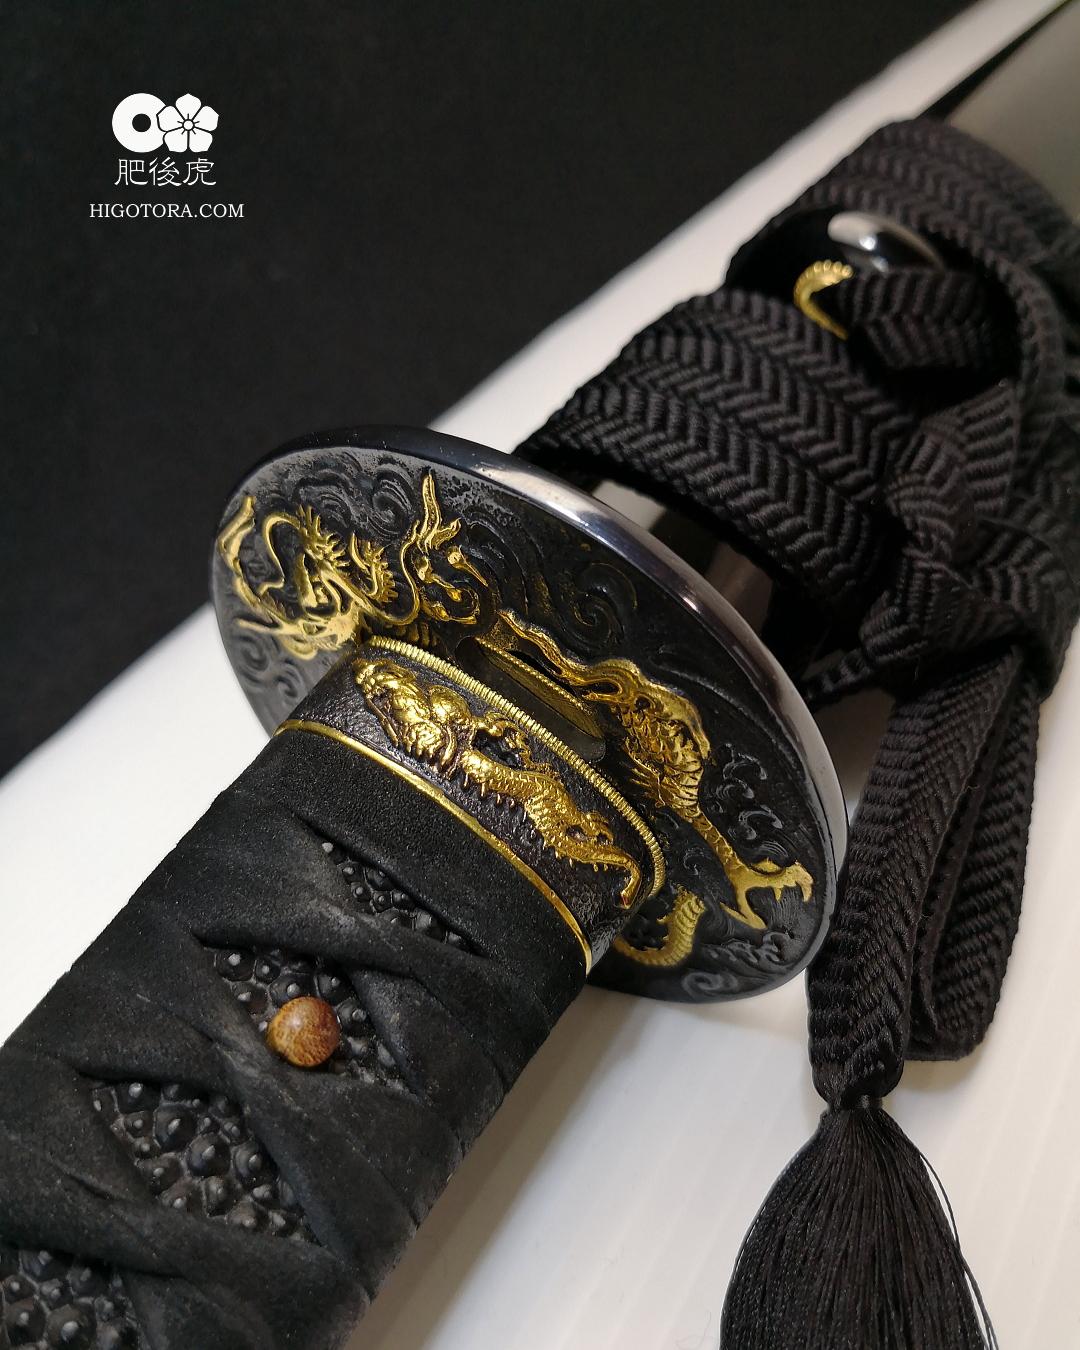 肥後虎の日本刀(龍の意匠を施した鍔と縁金具を使った拵)